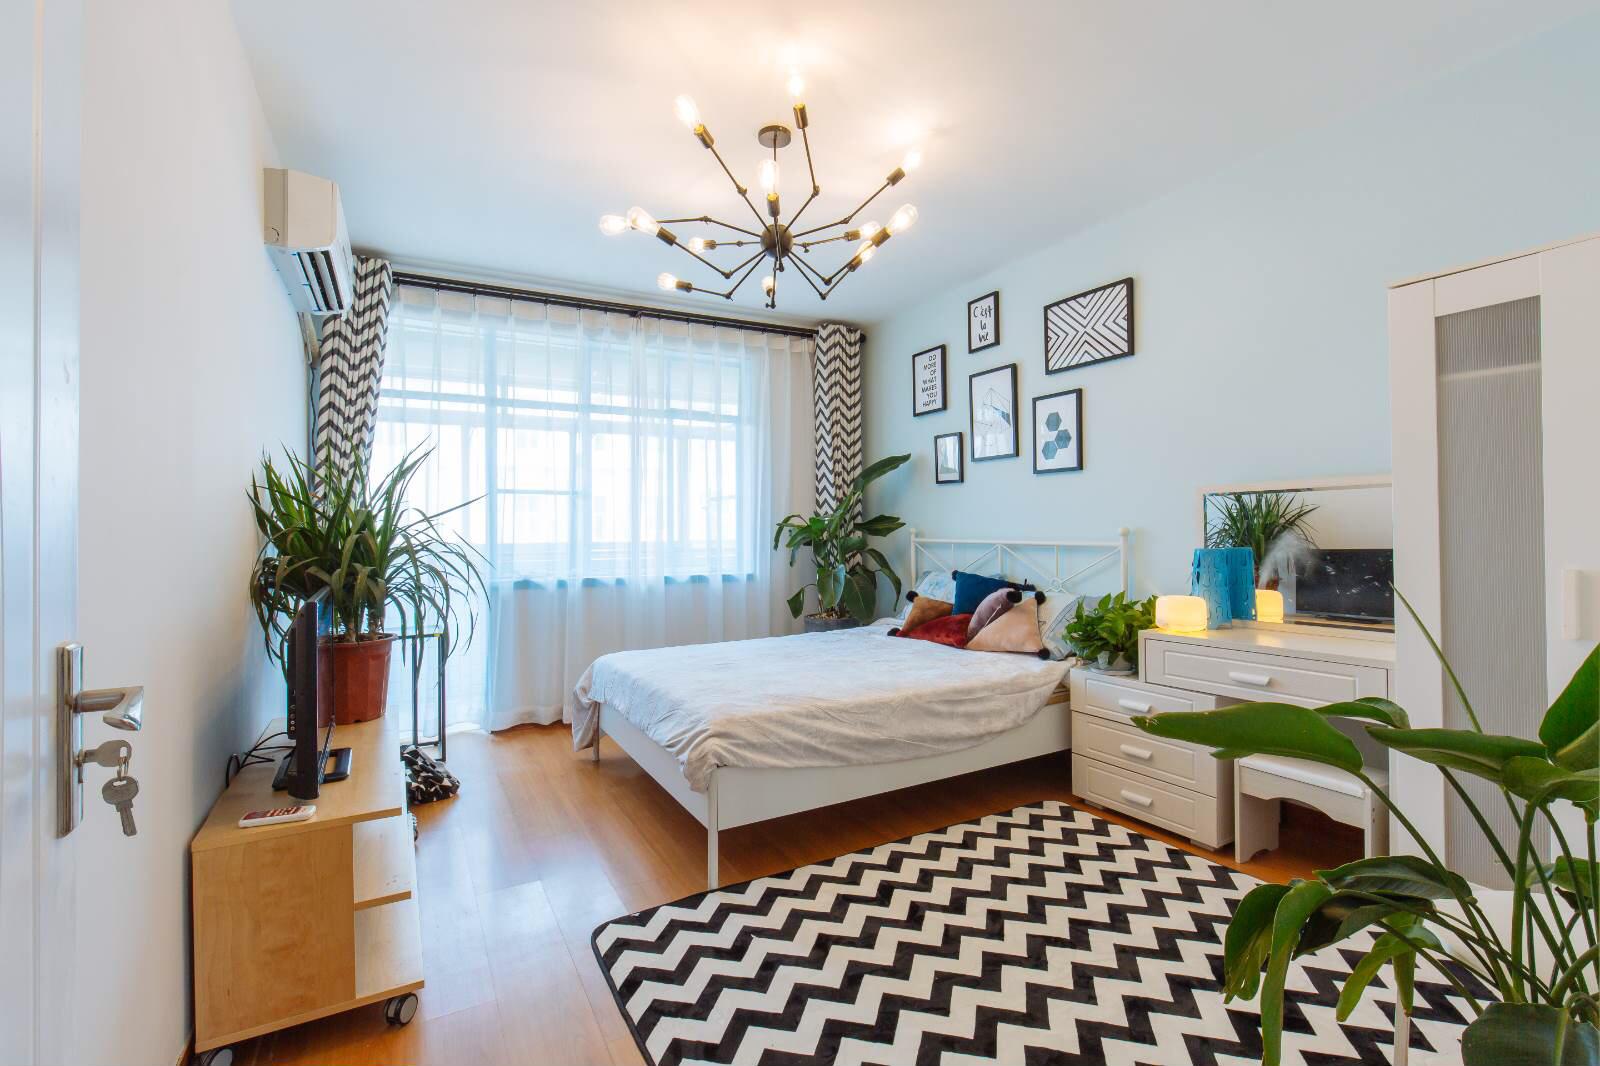 45㎡小户型卧室装修效果图